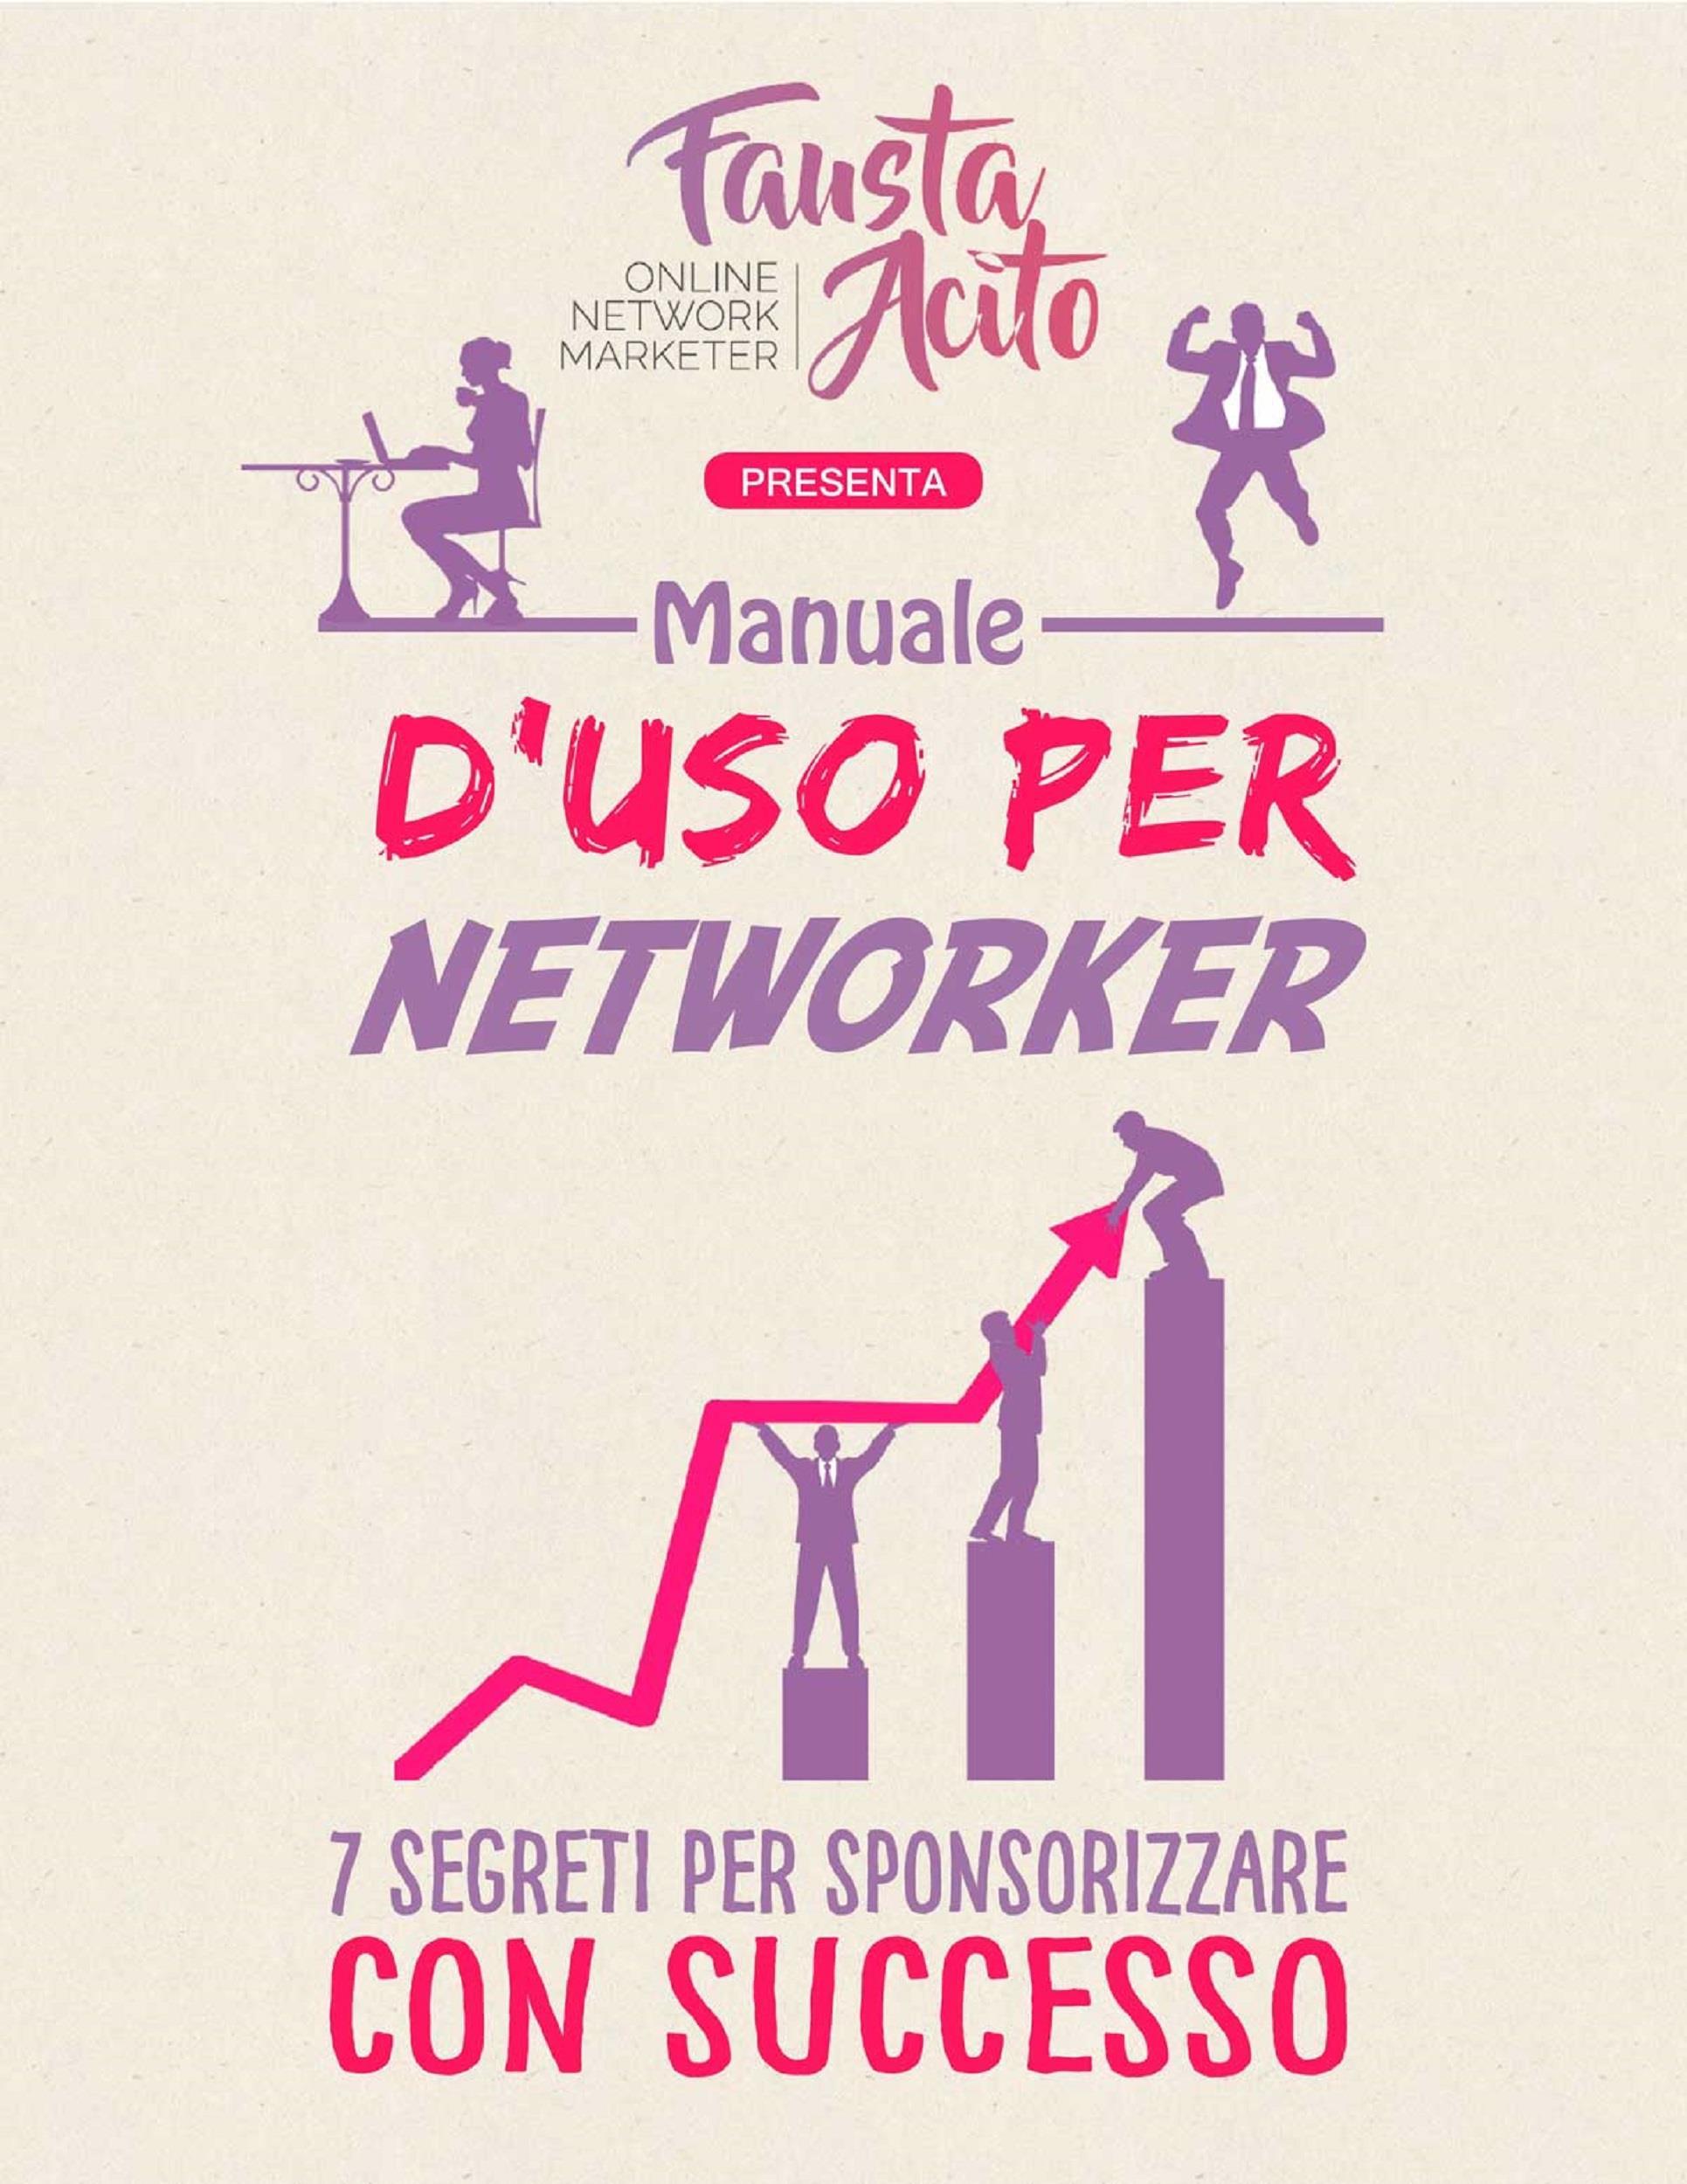 Manuale d'uso per Networker: 7 Segreti per Sponsorizzare con Successo